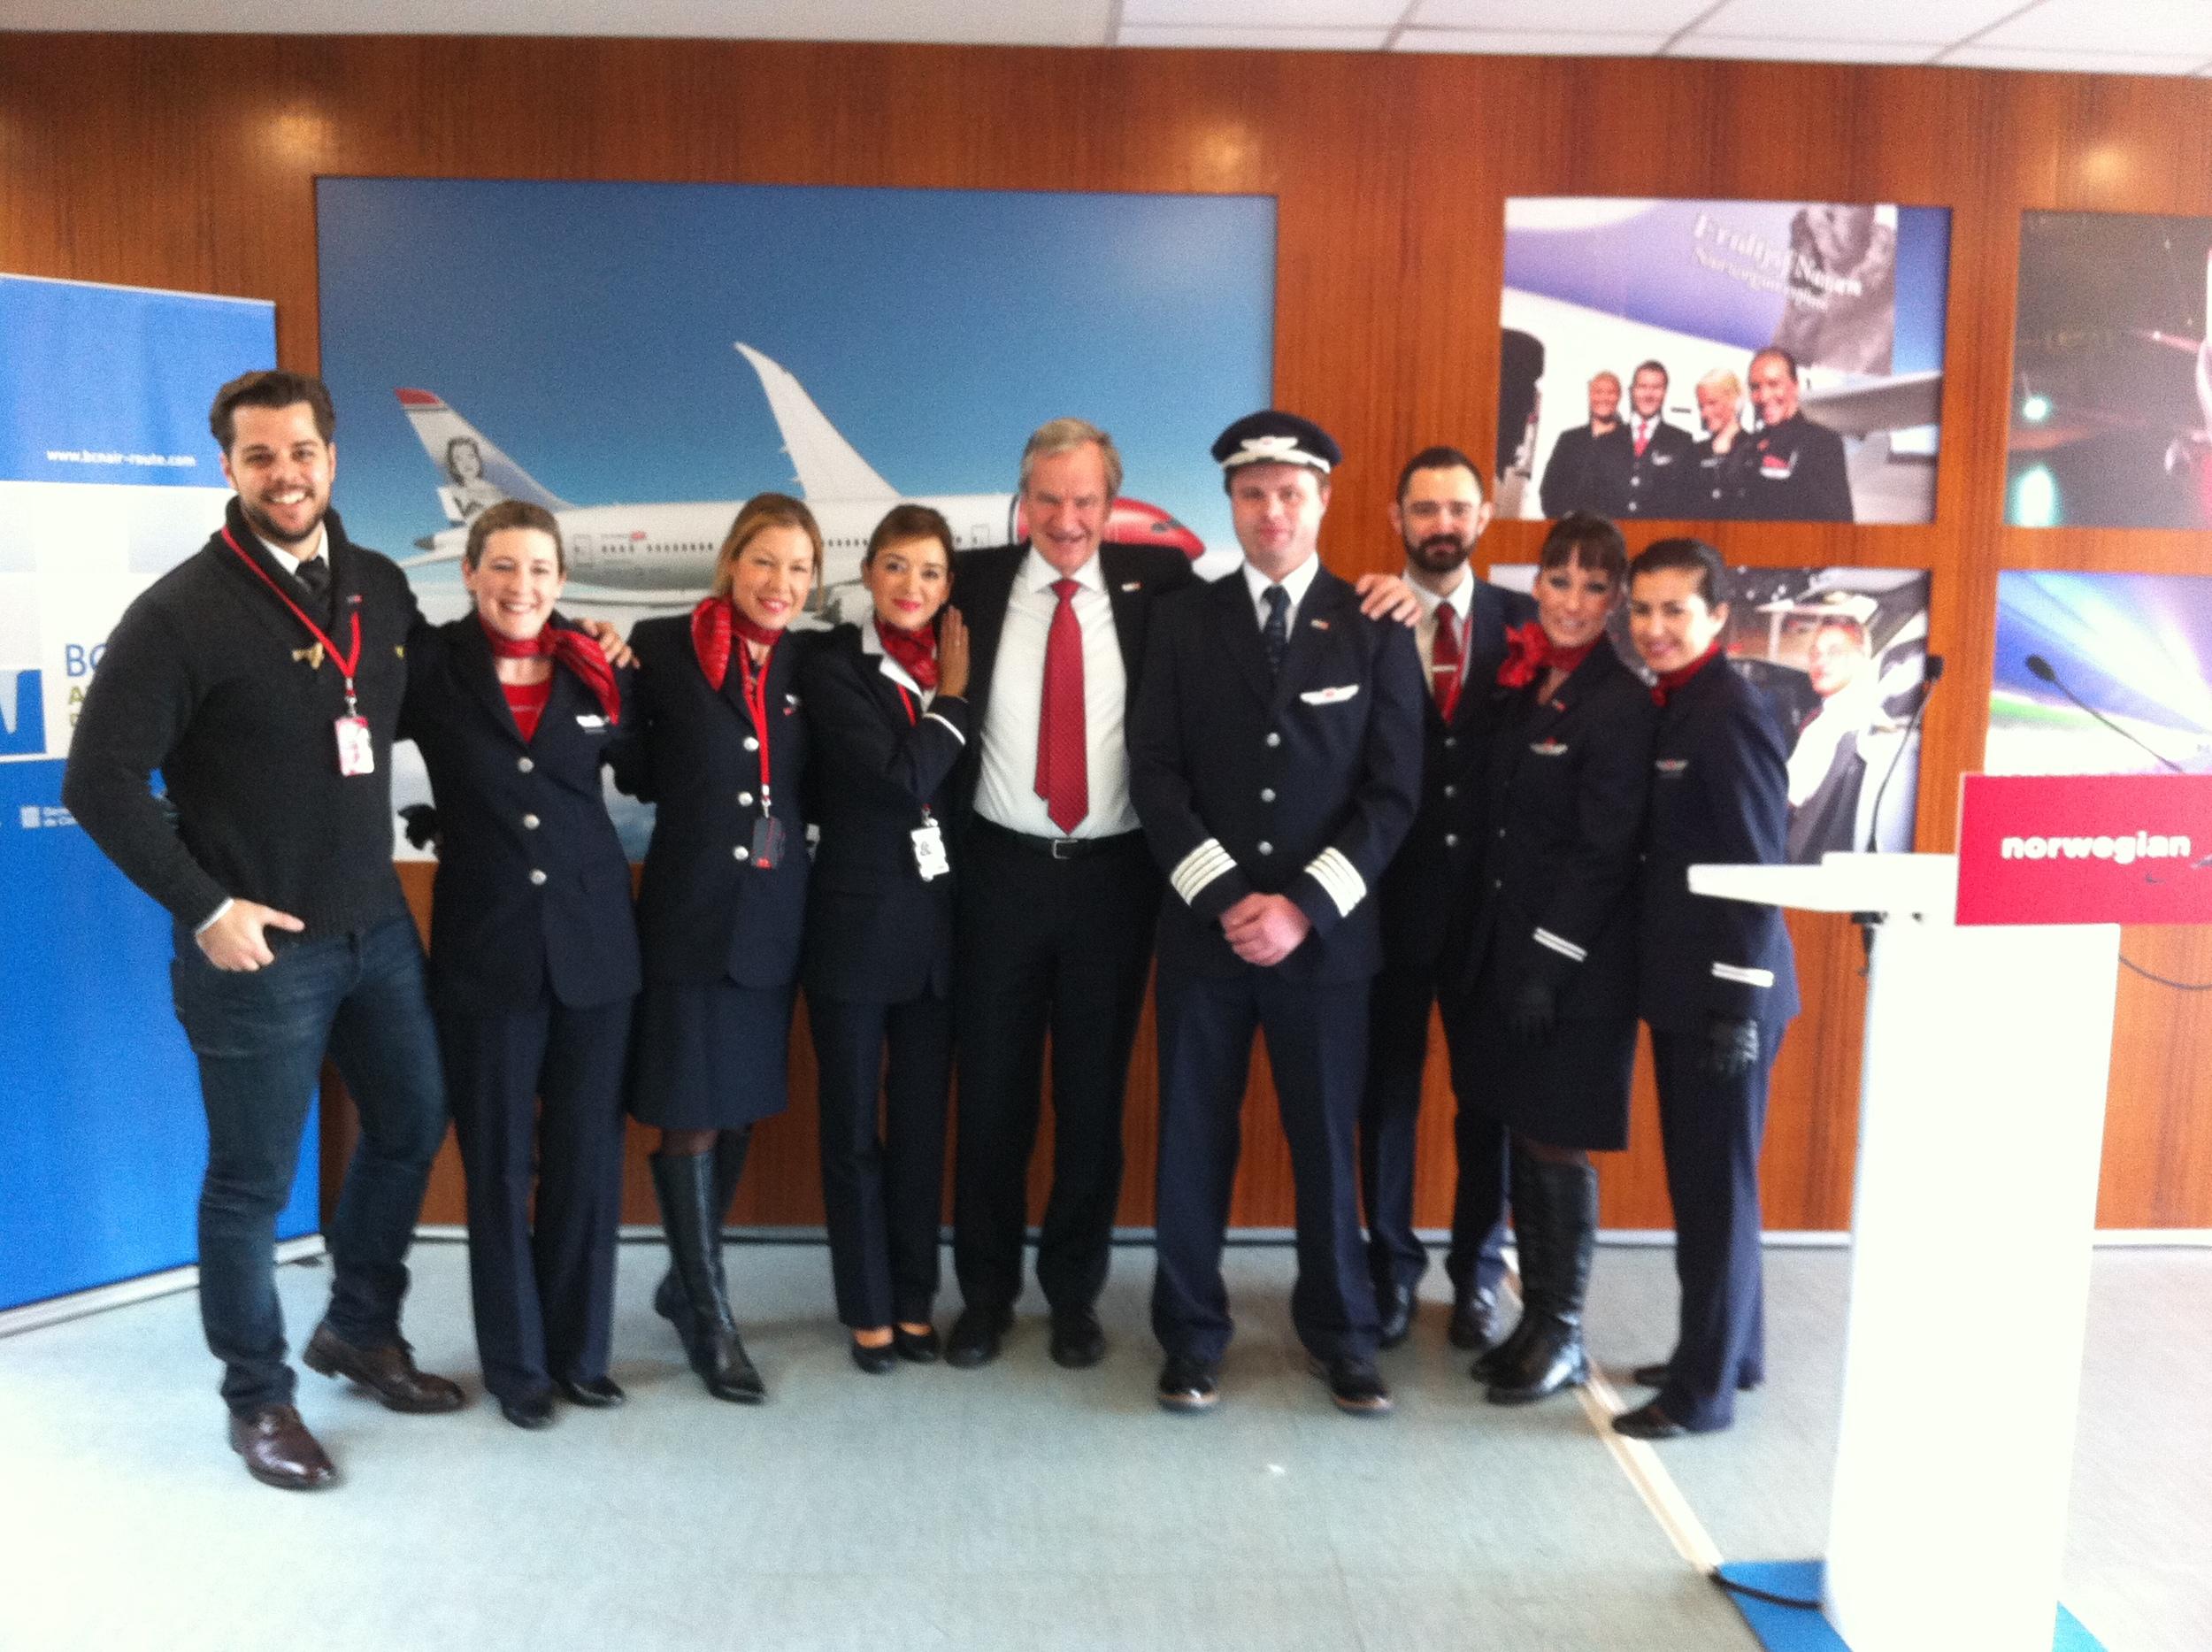 Norwegian's boss,  Bj  ørn    Kjos, with some of Norwegian's Barcelona-based crew